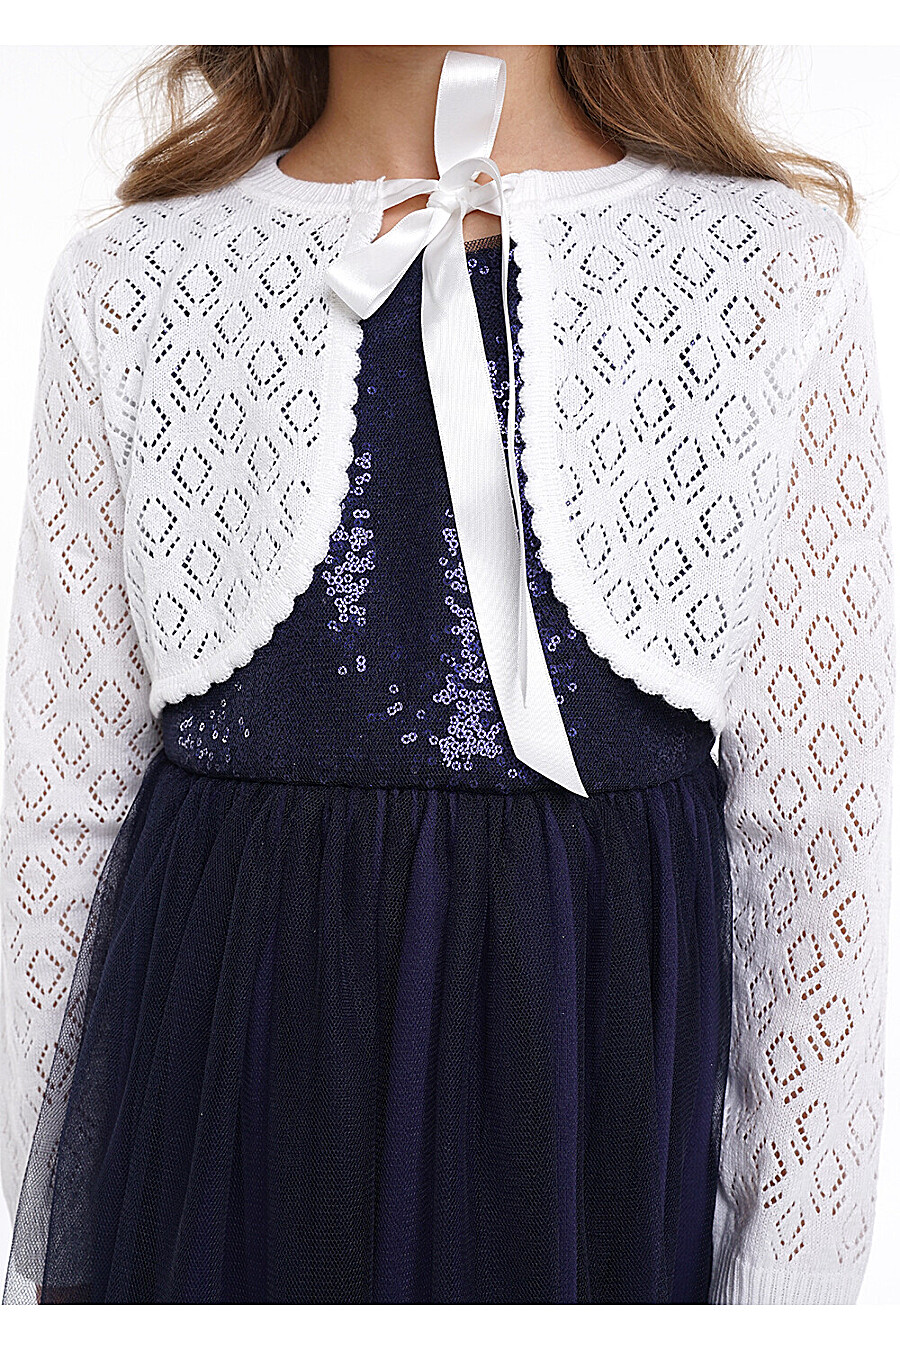 Болеро  для девочек CLEVER 272903 купить оптом от производителя. Совместная покупка детской одежды в OptMoyo